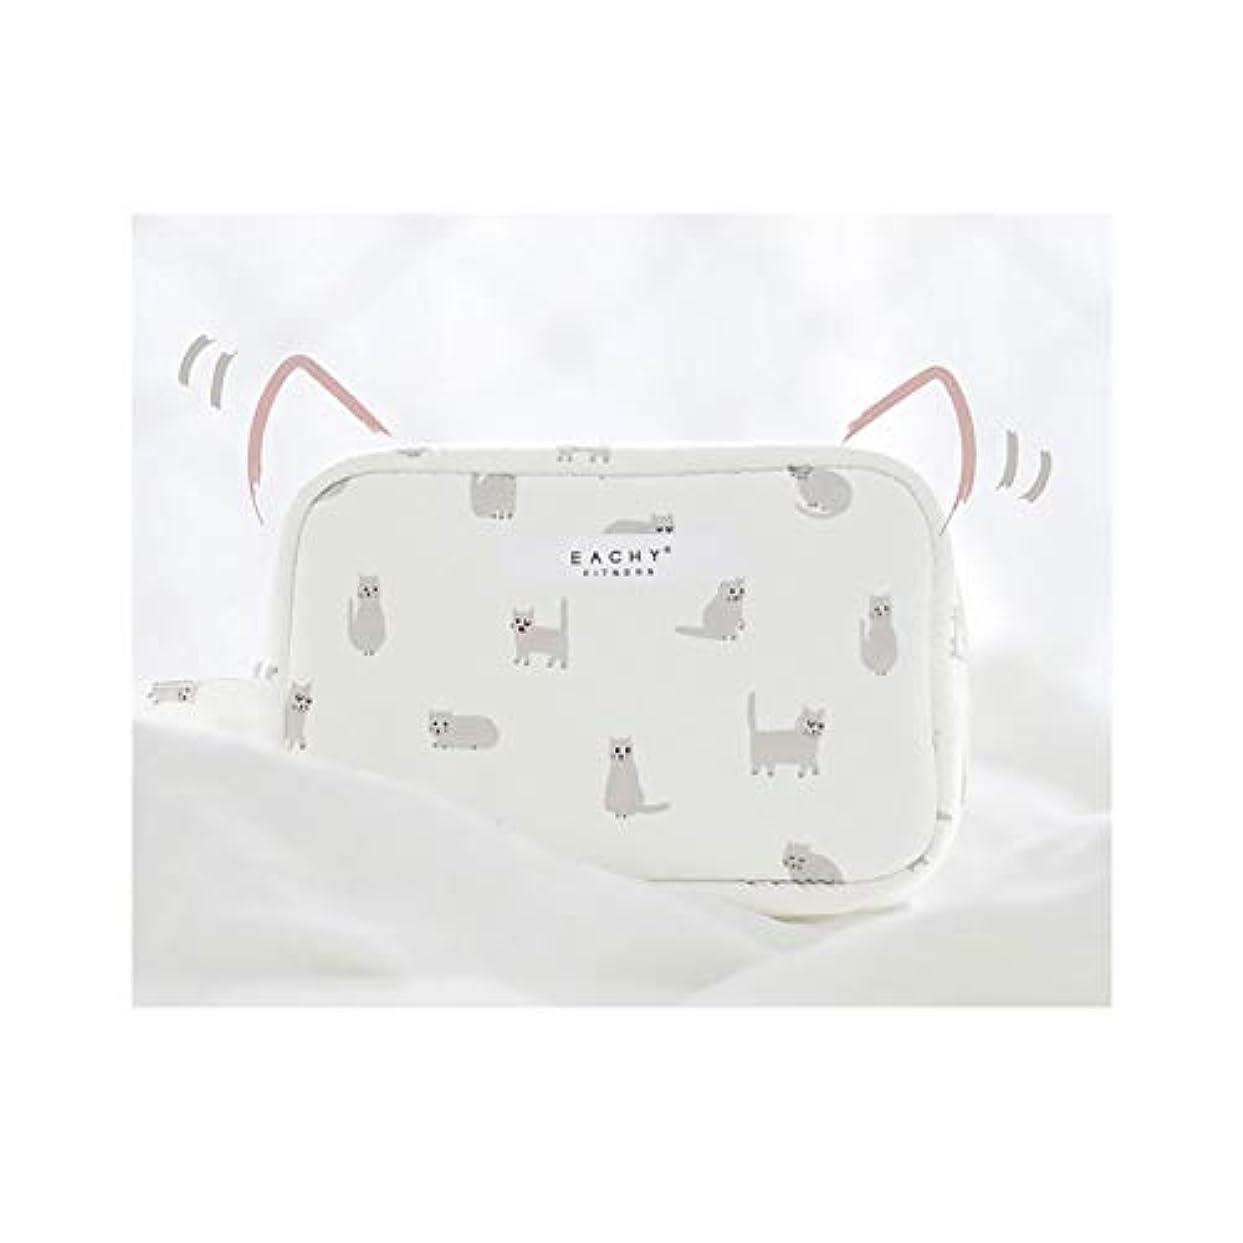 ニュージーランド霧深い敬NEOVIVA 化粧ポーチ コスメポーチ メイク収納バッグ かわいい 軽量 防水 旅行小物ポーチ 猫 ホワイト S